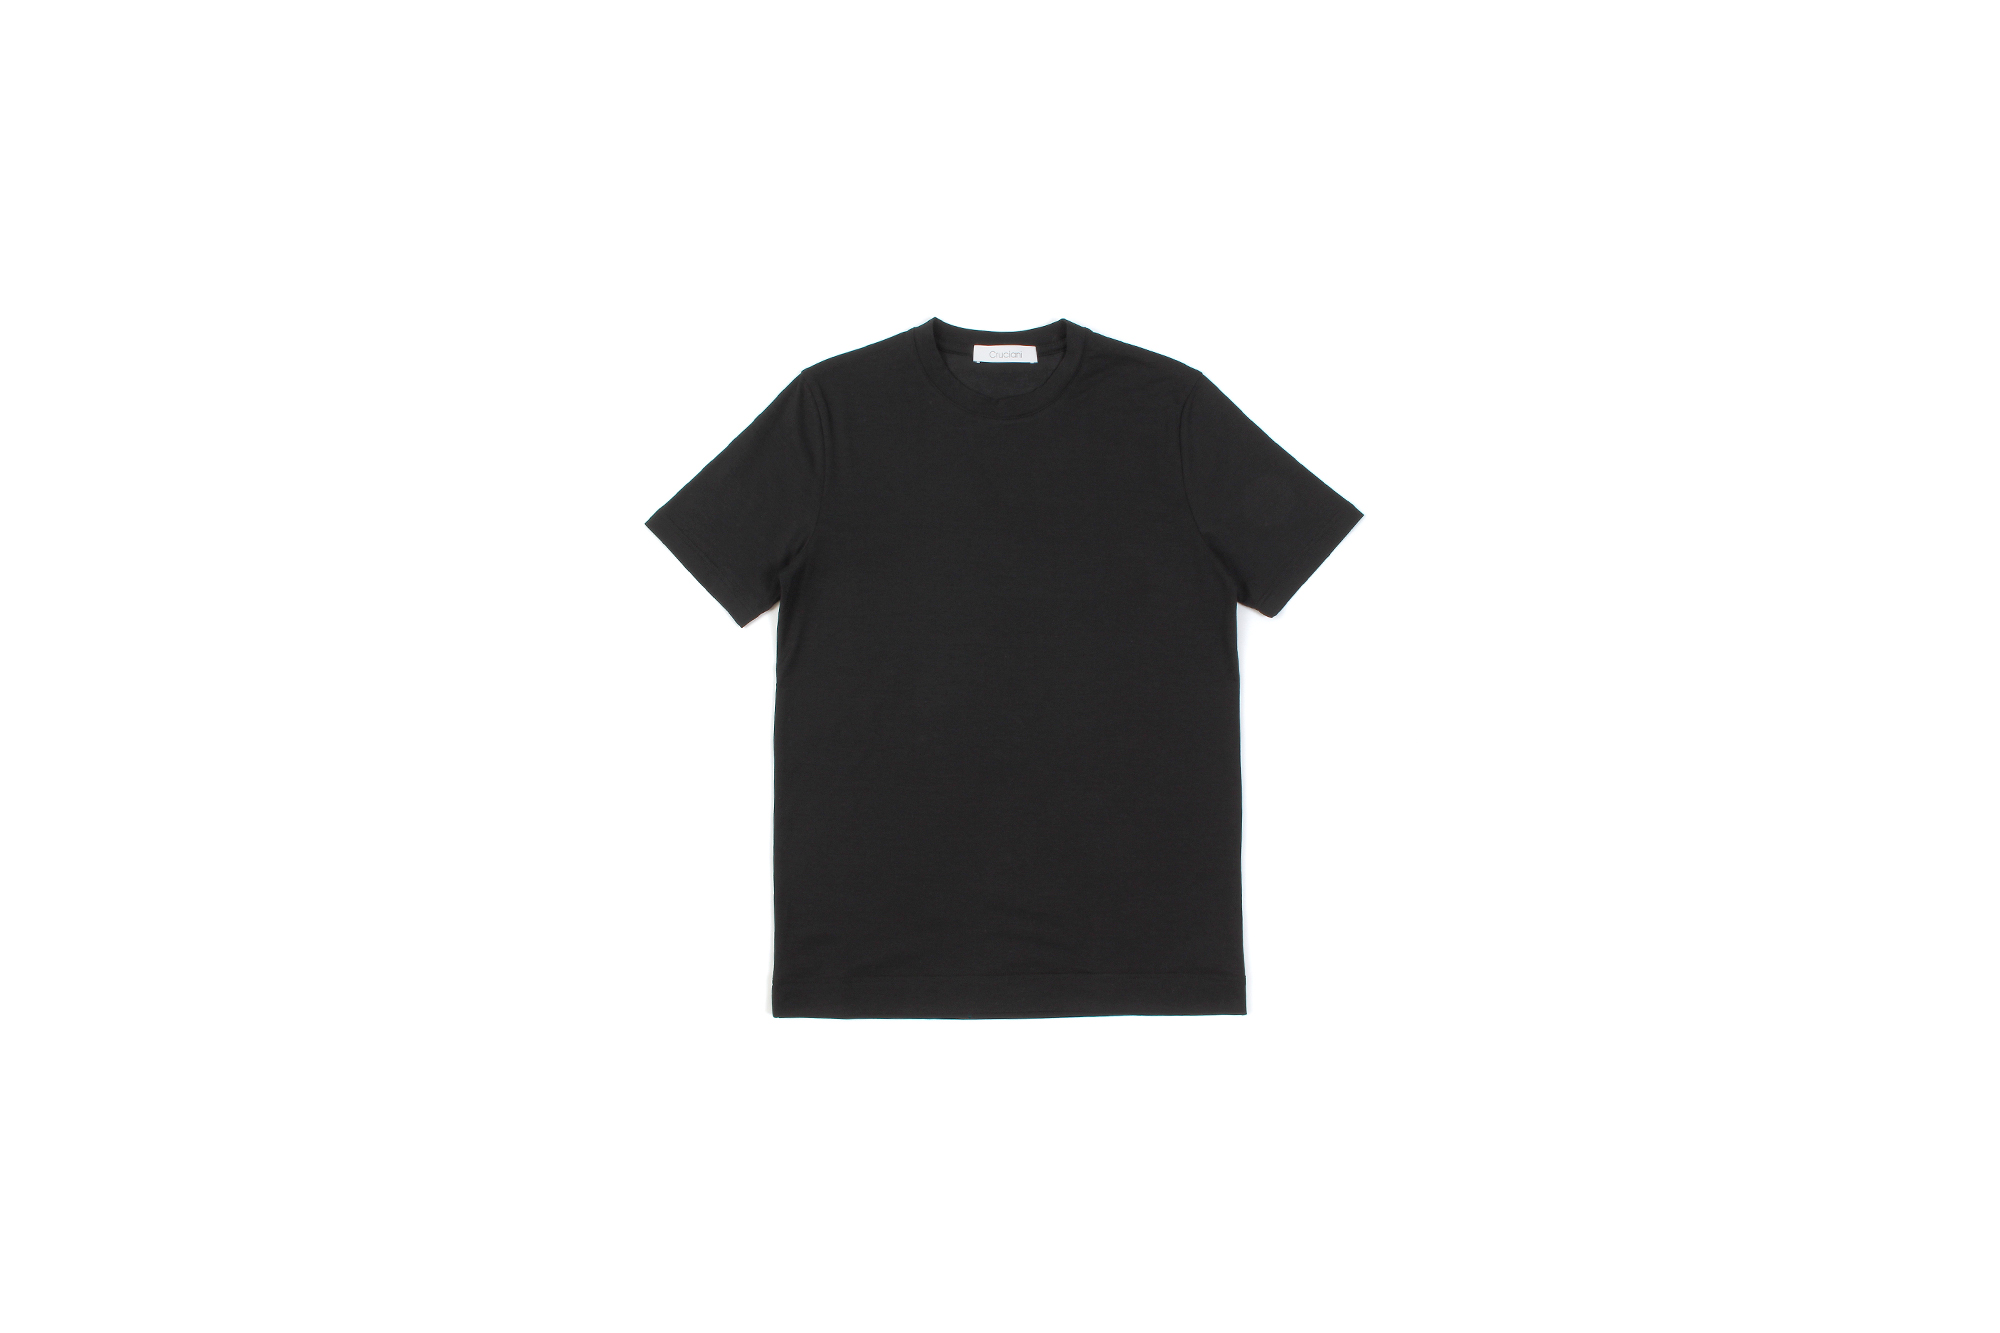 Cruciani (クルチアーニ) Cotton Stretch Crew Neck T-shirt (コットン ストレッチ クルーネック Tシャツ) クルーネック Tシャツ BLACK (ブラック・2000) made in italy (イタリア製) 2021 春夏新作 愛知 名古屋 Alto e Diritto altoediritto アルトエデリット Tシャツ ニットTシャツ